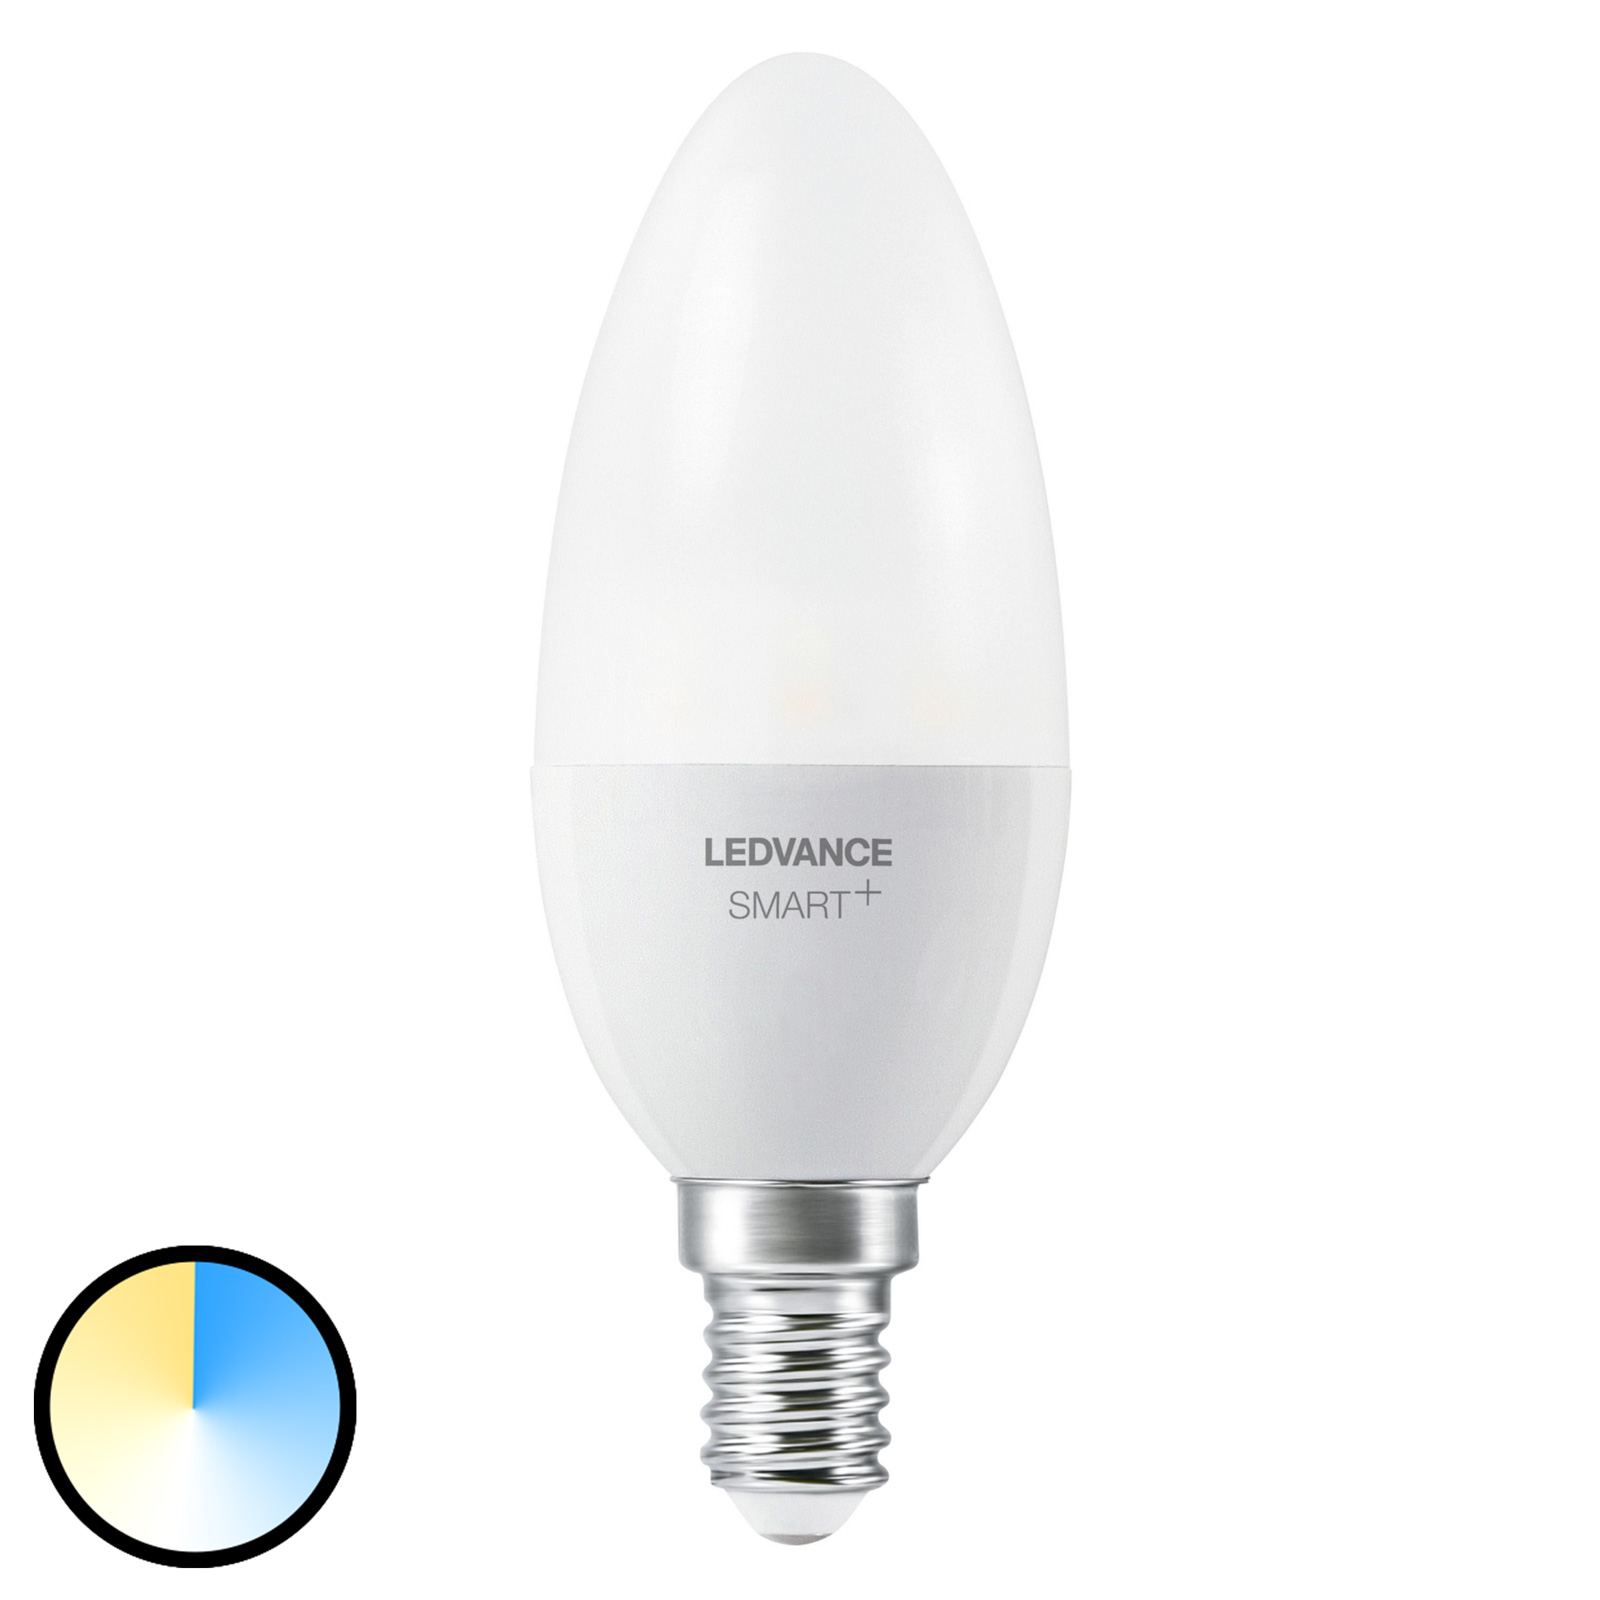 LEDVANCE SMART+ ZigBee E14 bougie 6W 2700-6500K